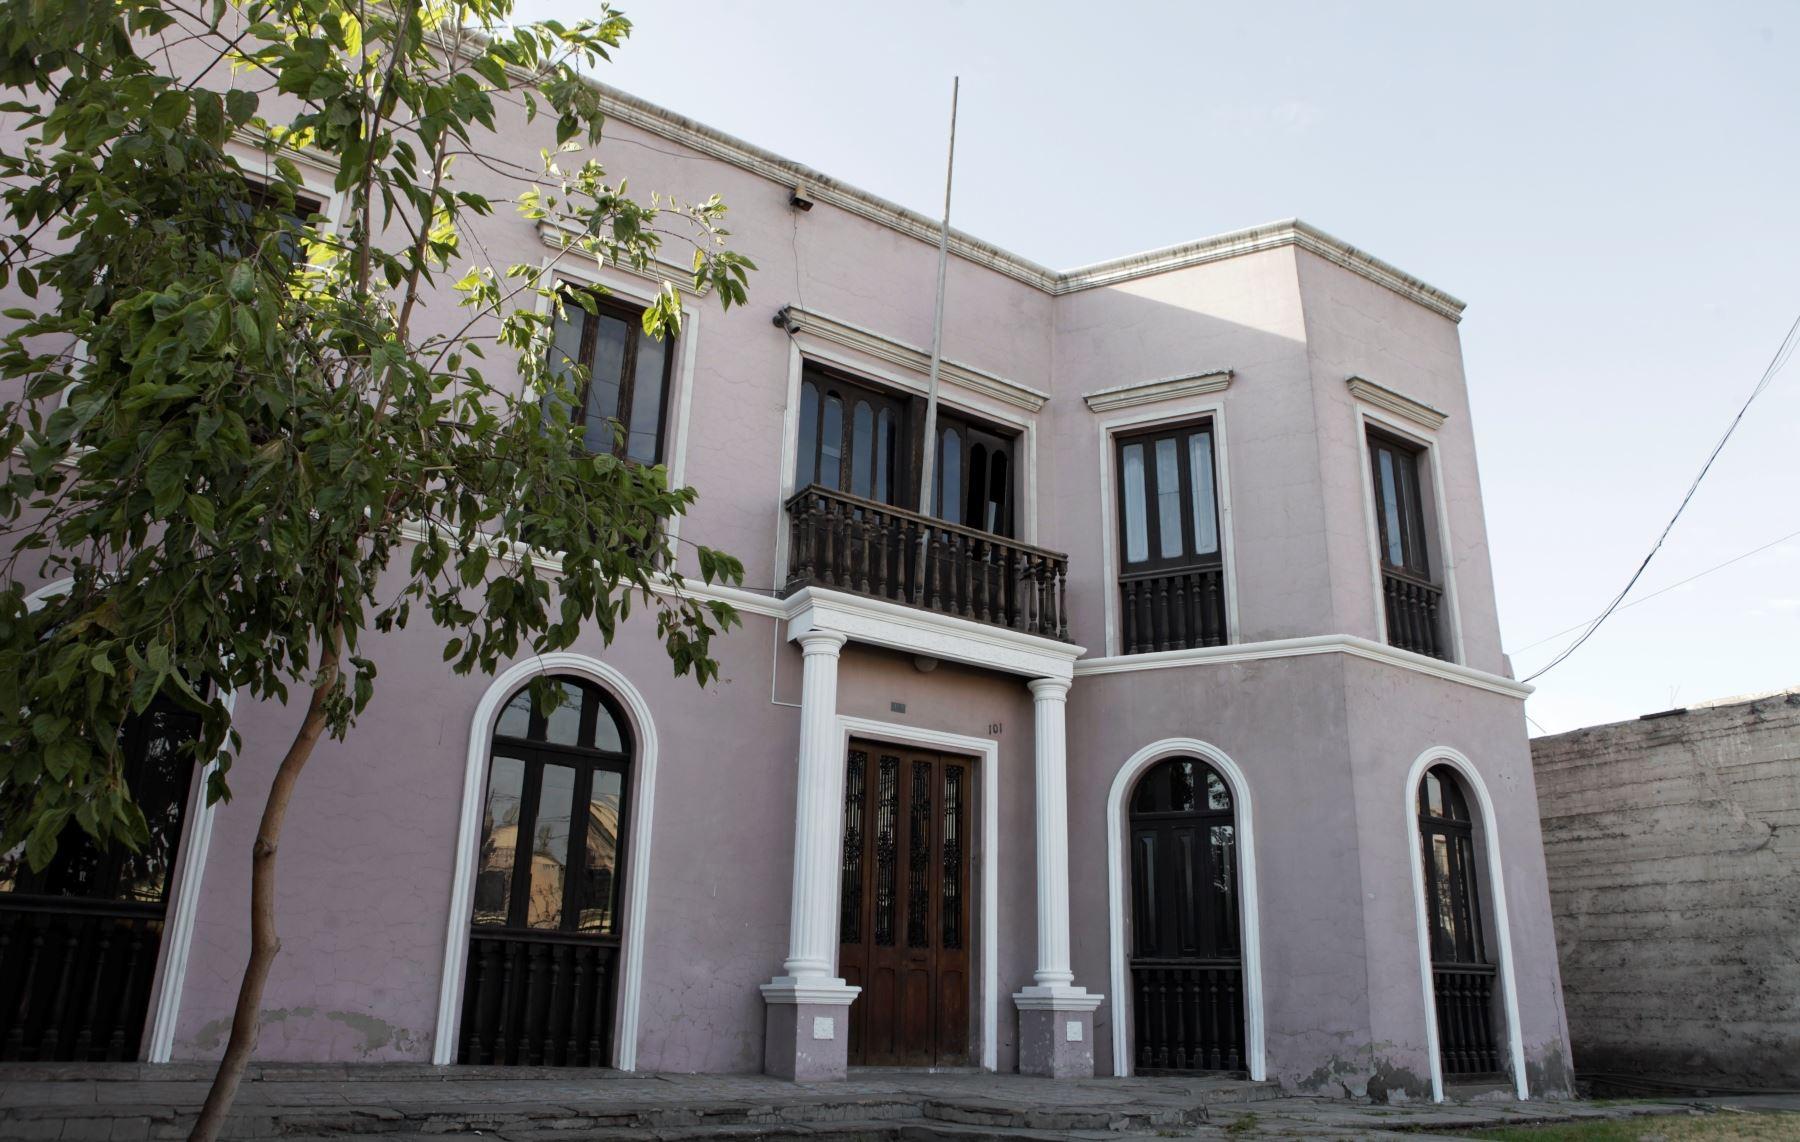 Casa donde nació el escritor Mario Vargas Llosa forma parte de la ruta cultural implementada en Arequipa. ANDINA/archivo